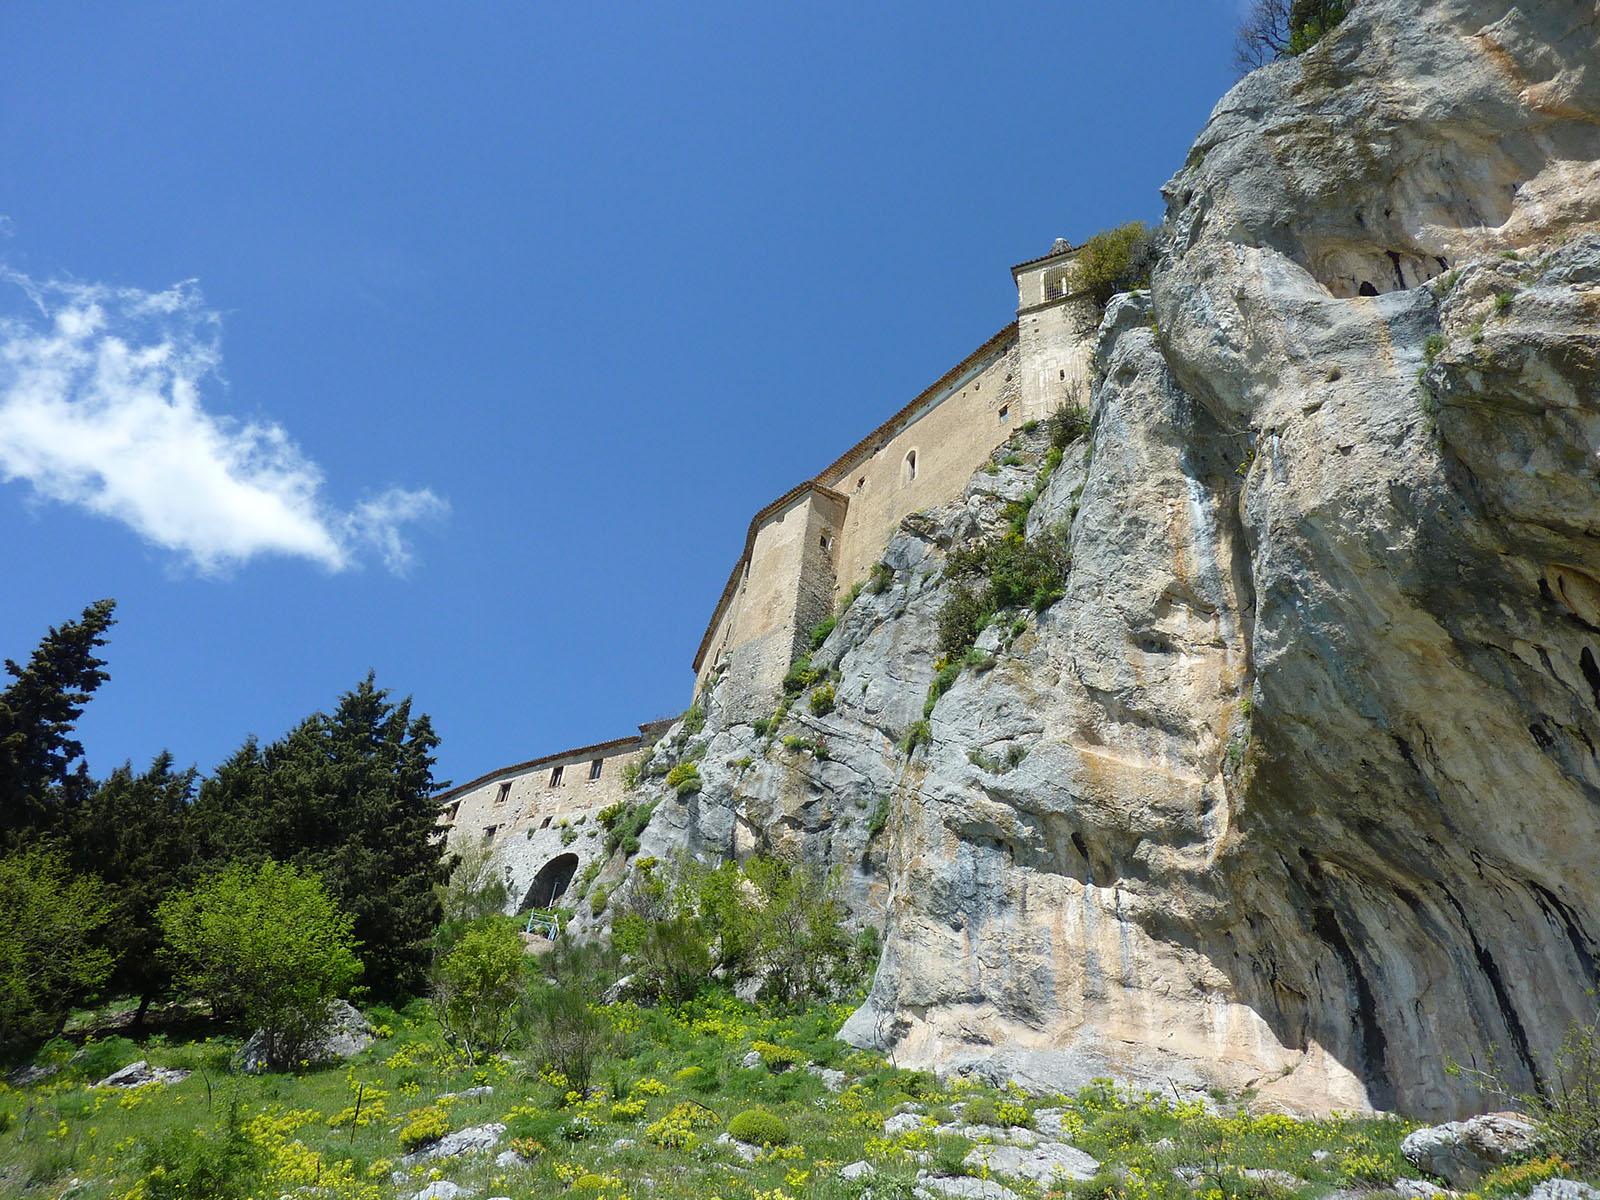 Cammino Basiliano 07 - Cerchiara - Civita: Santuario di Madonna delle Armi